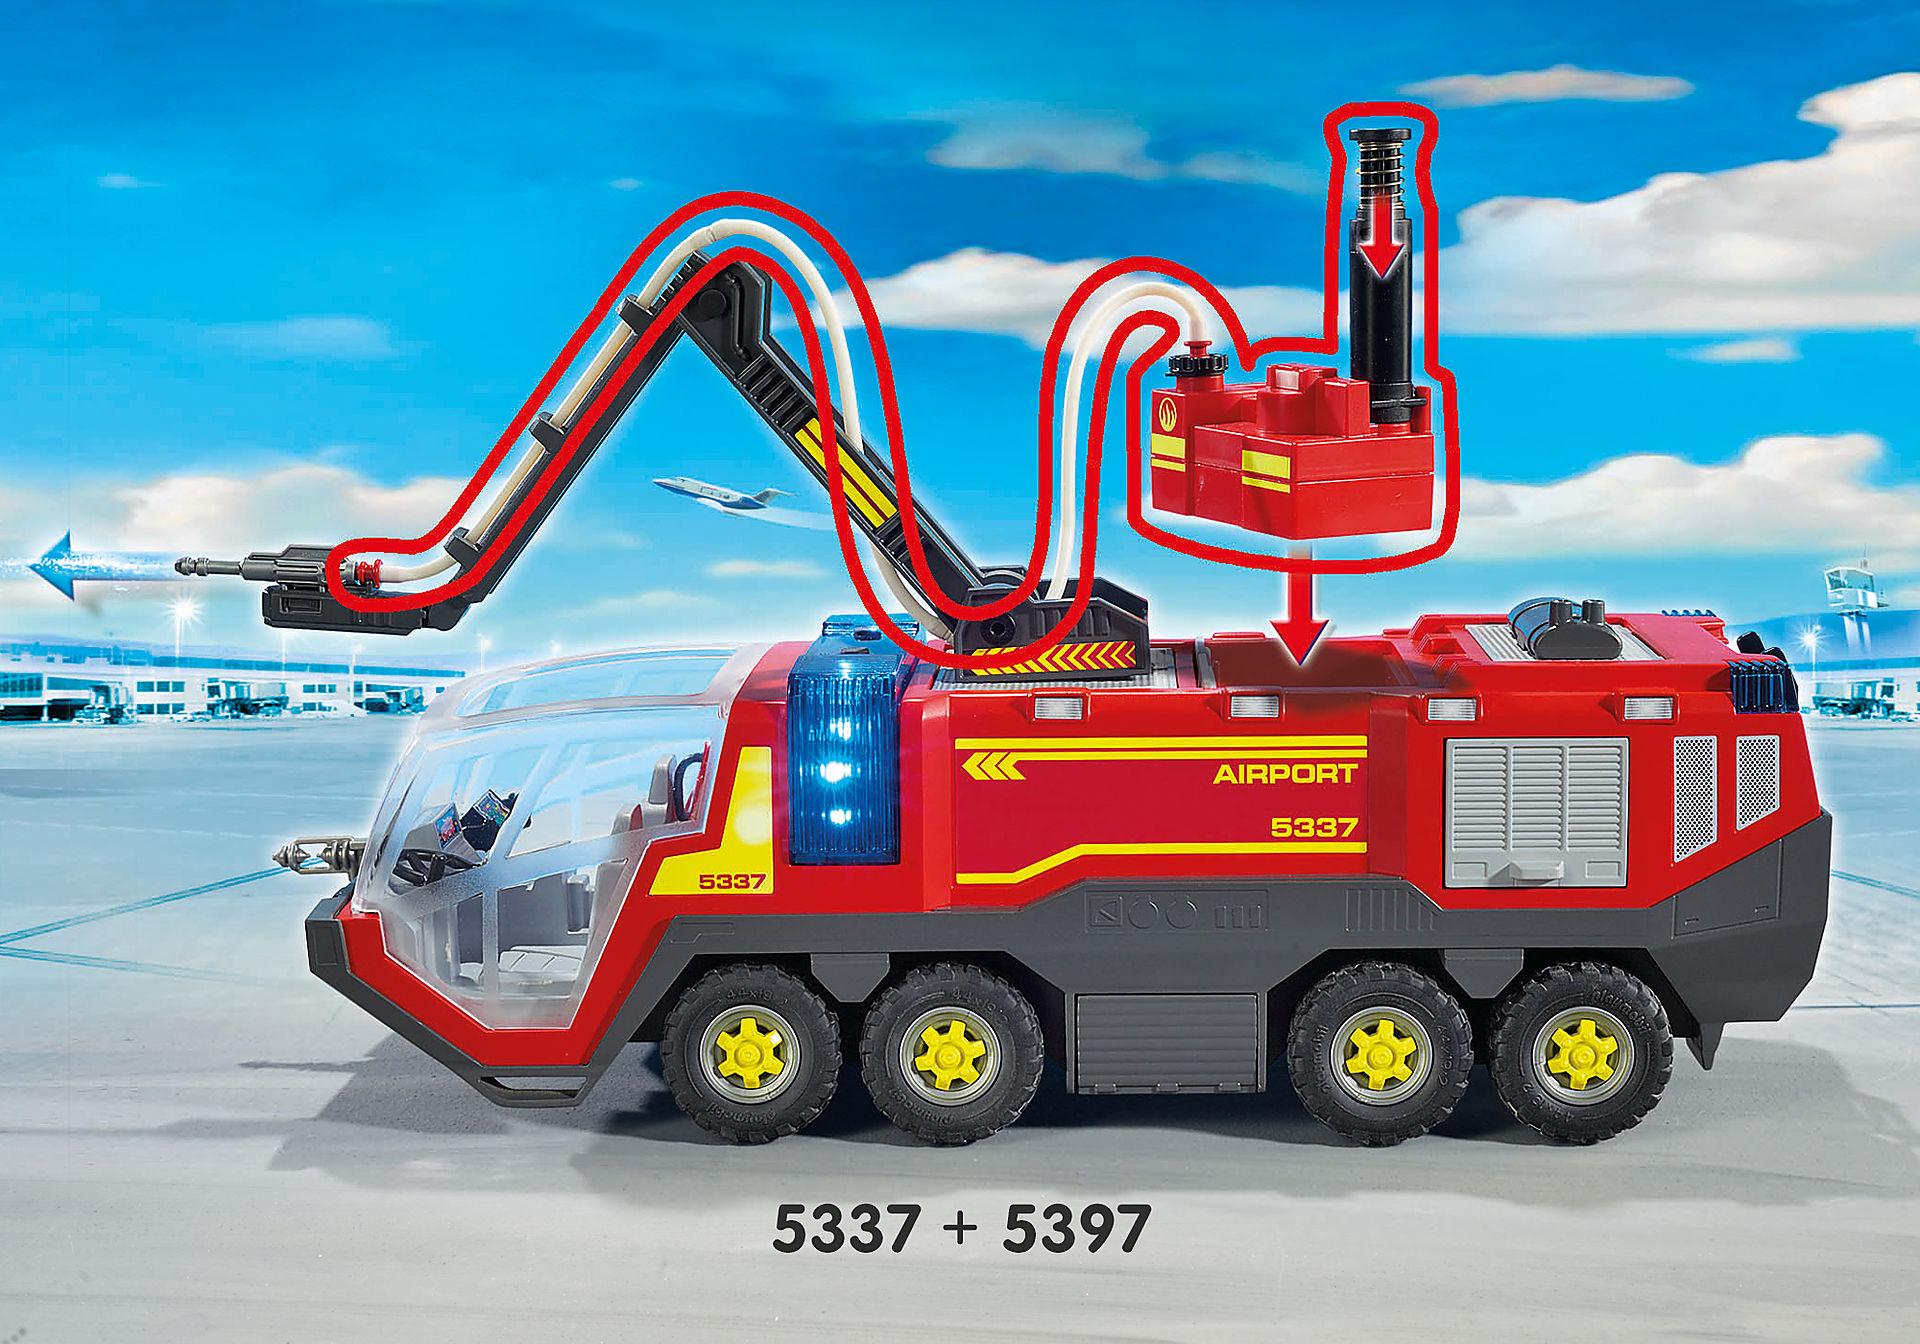 5337 Mezzo antincendio dell'aeroporto zoom image9